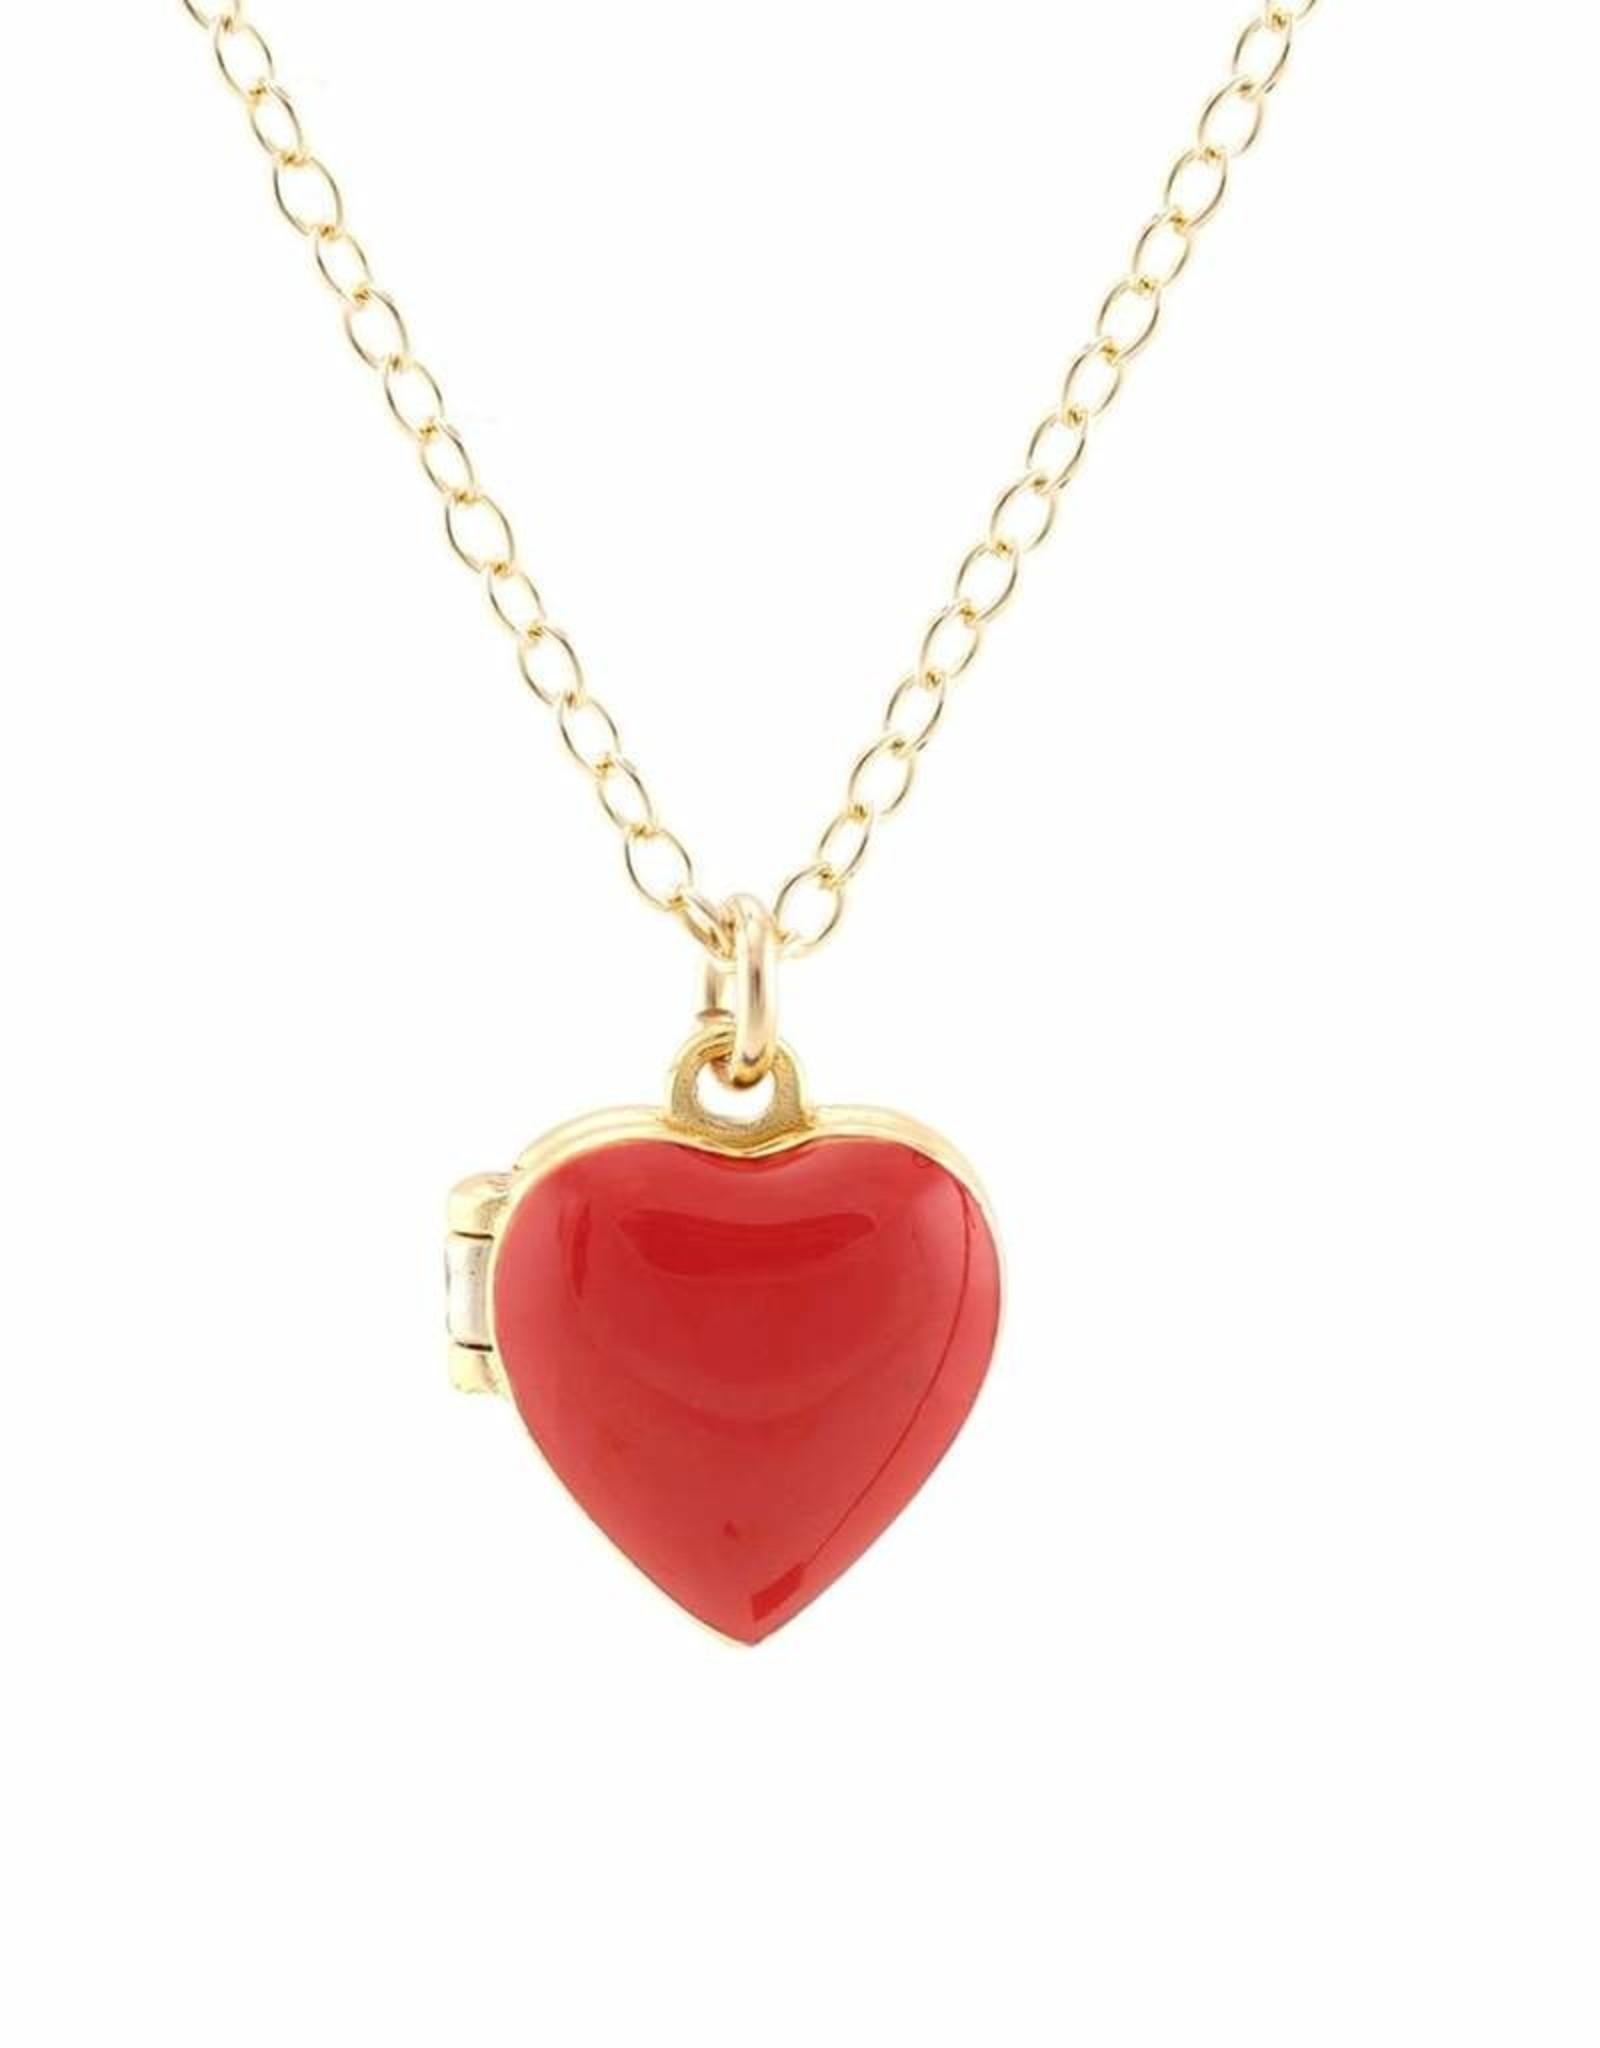 Kris Nations Small Heart Locket in red enamel